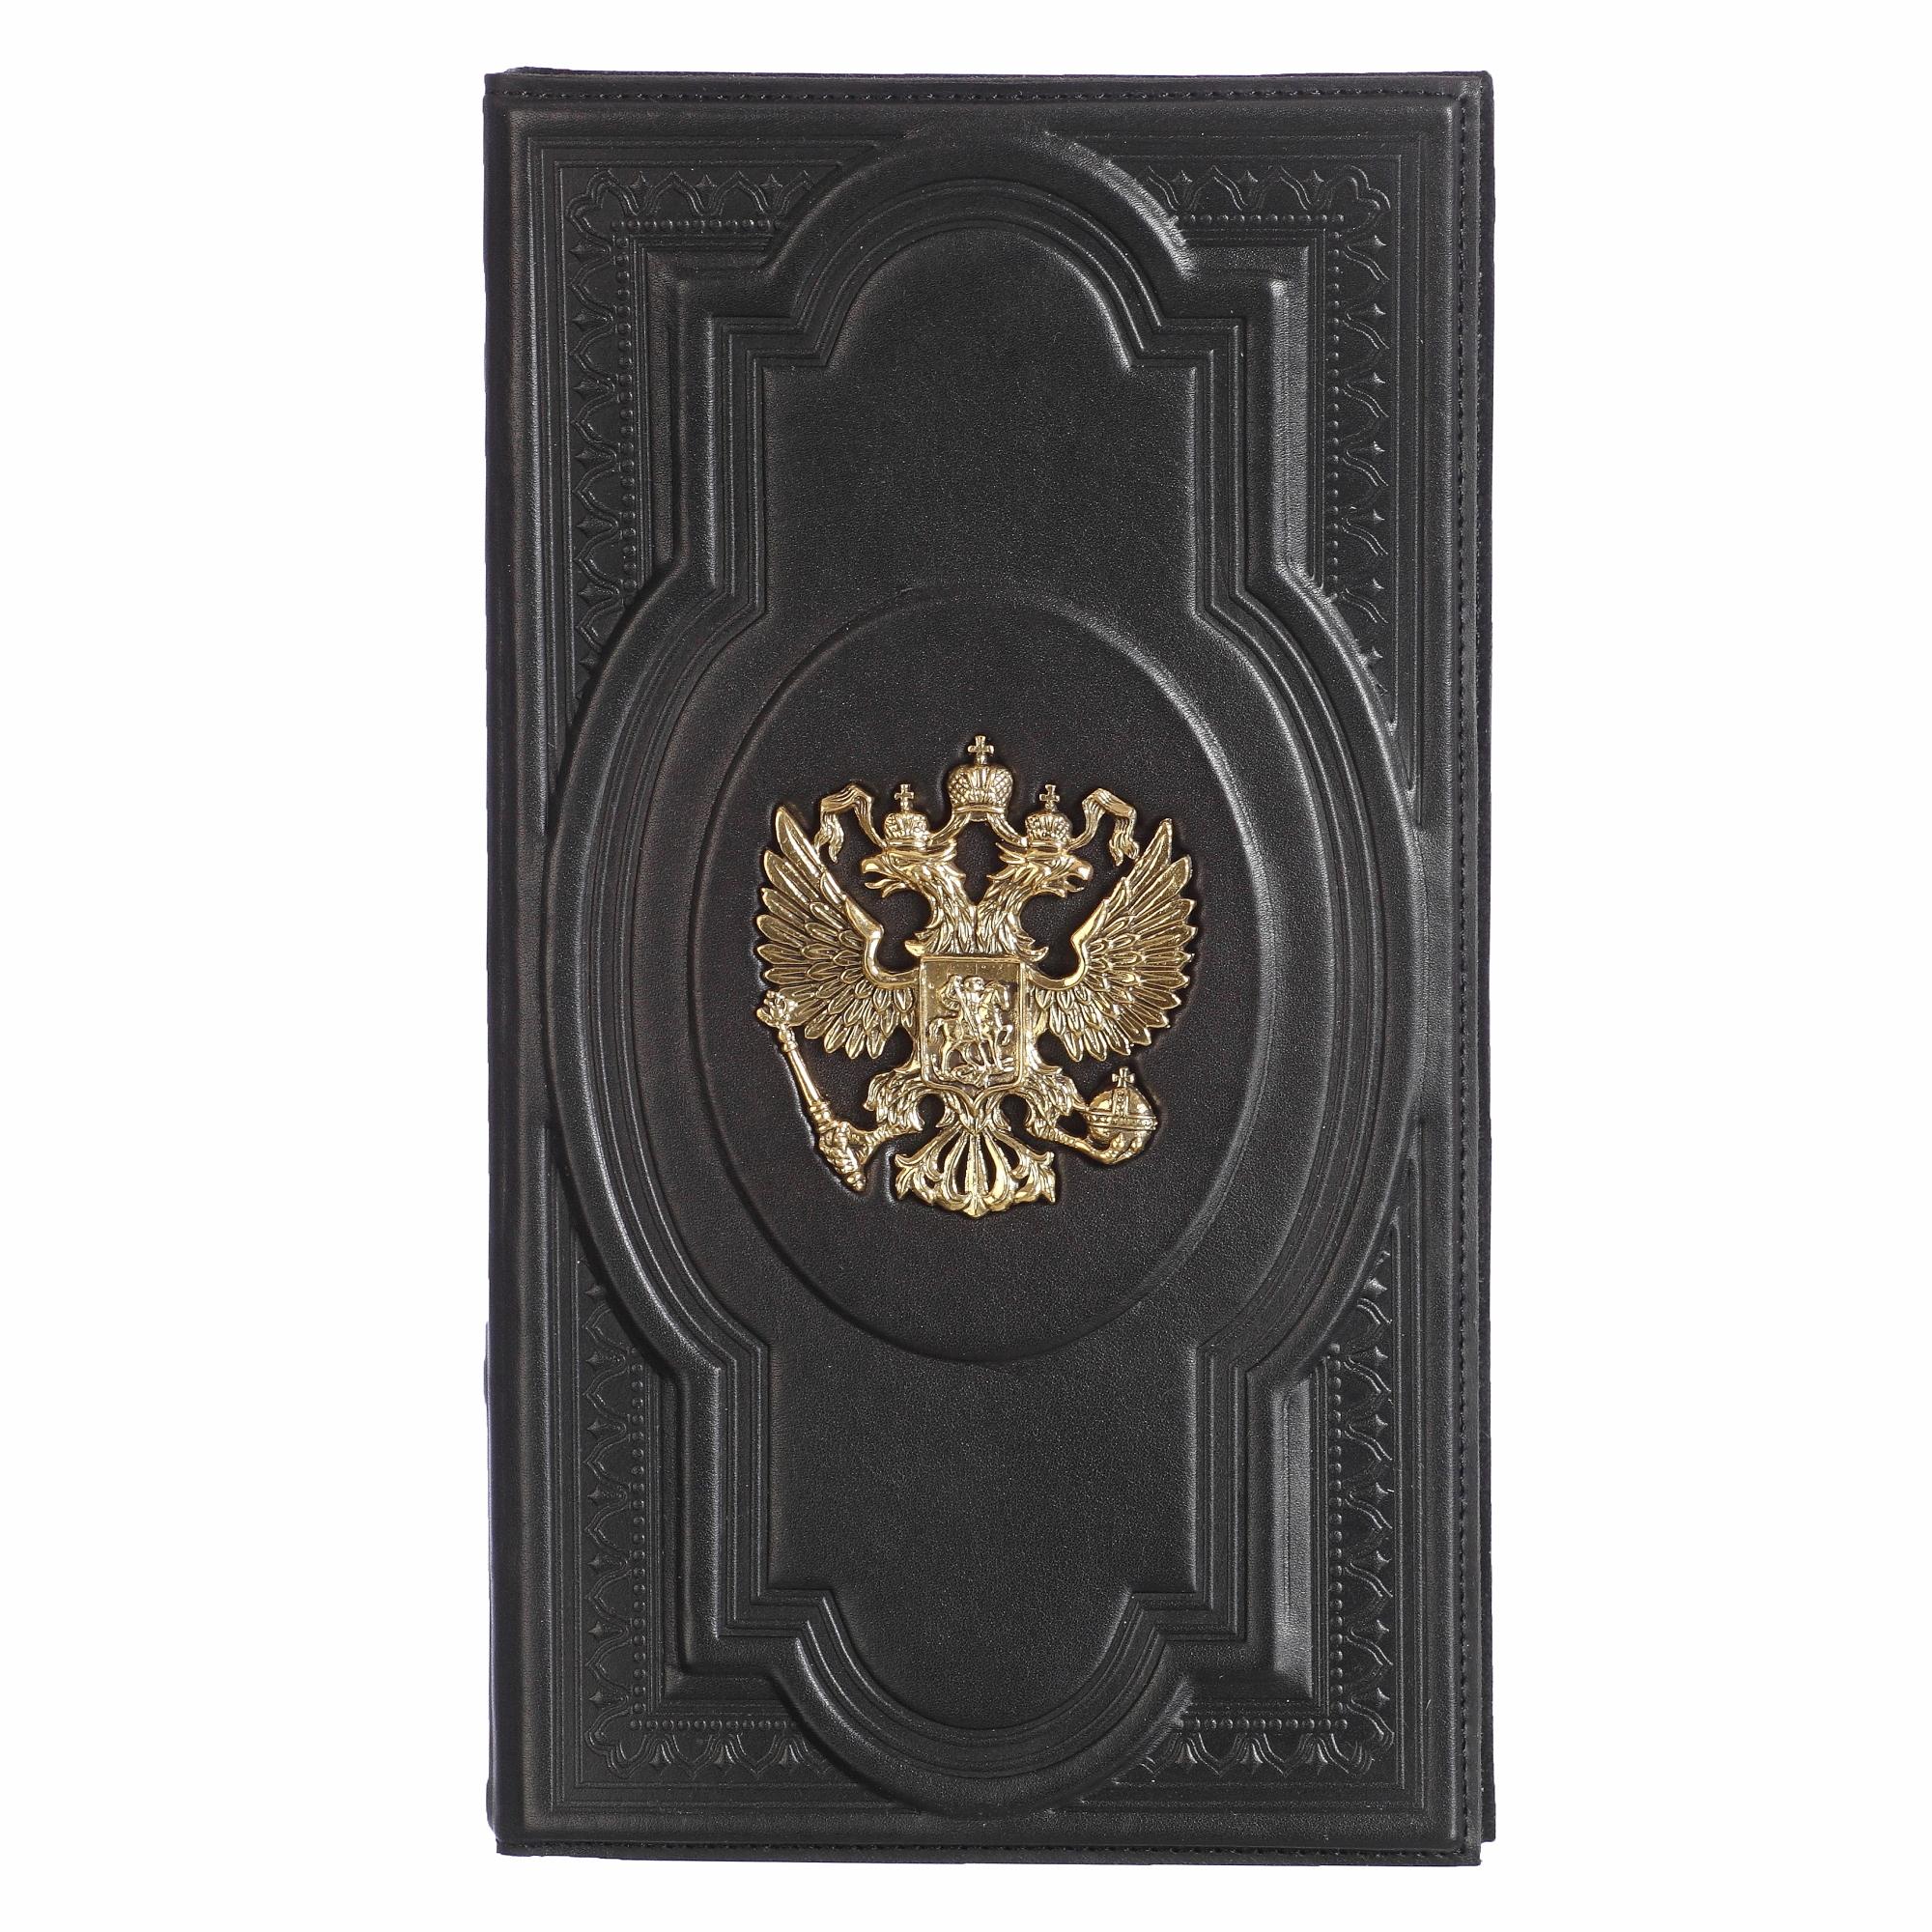 Визитница настольная «Держава» от 3 530 руб